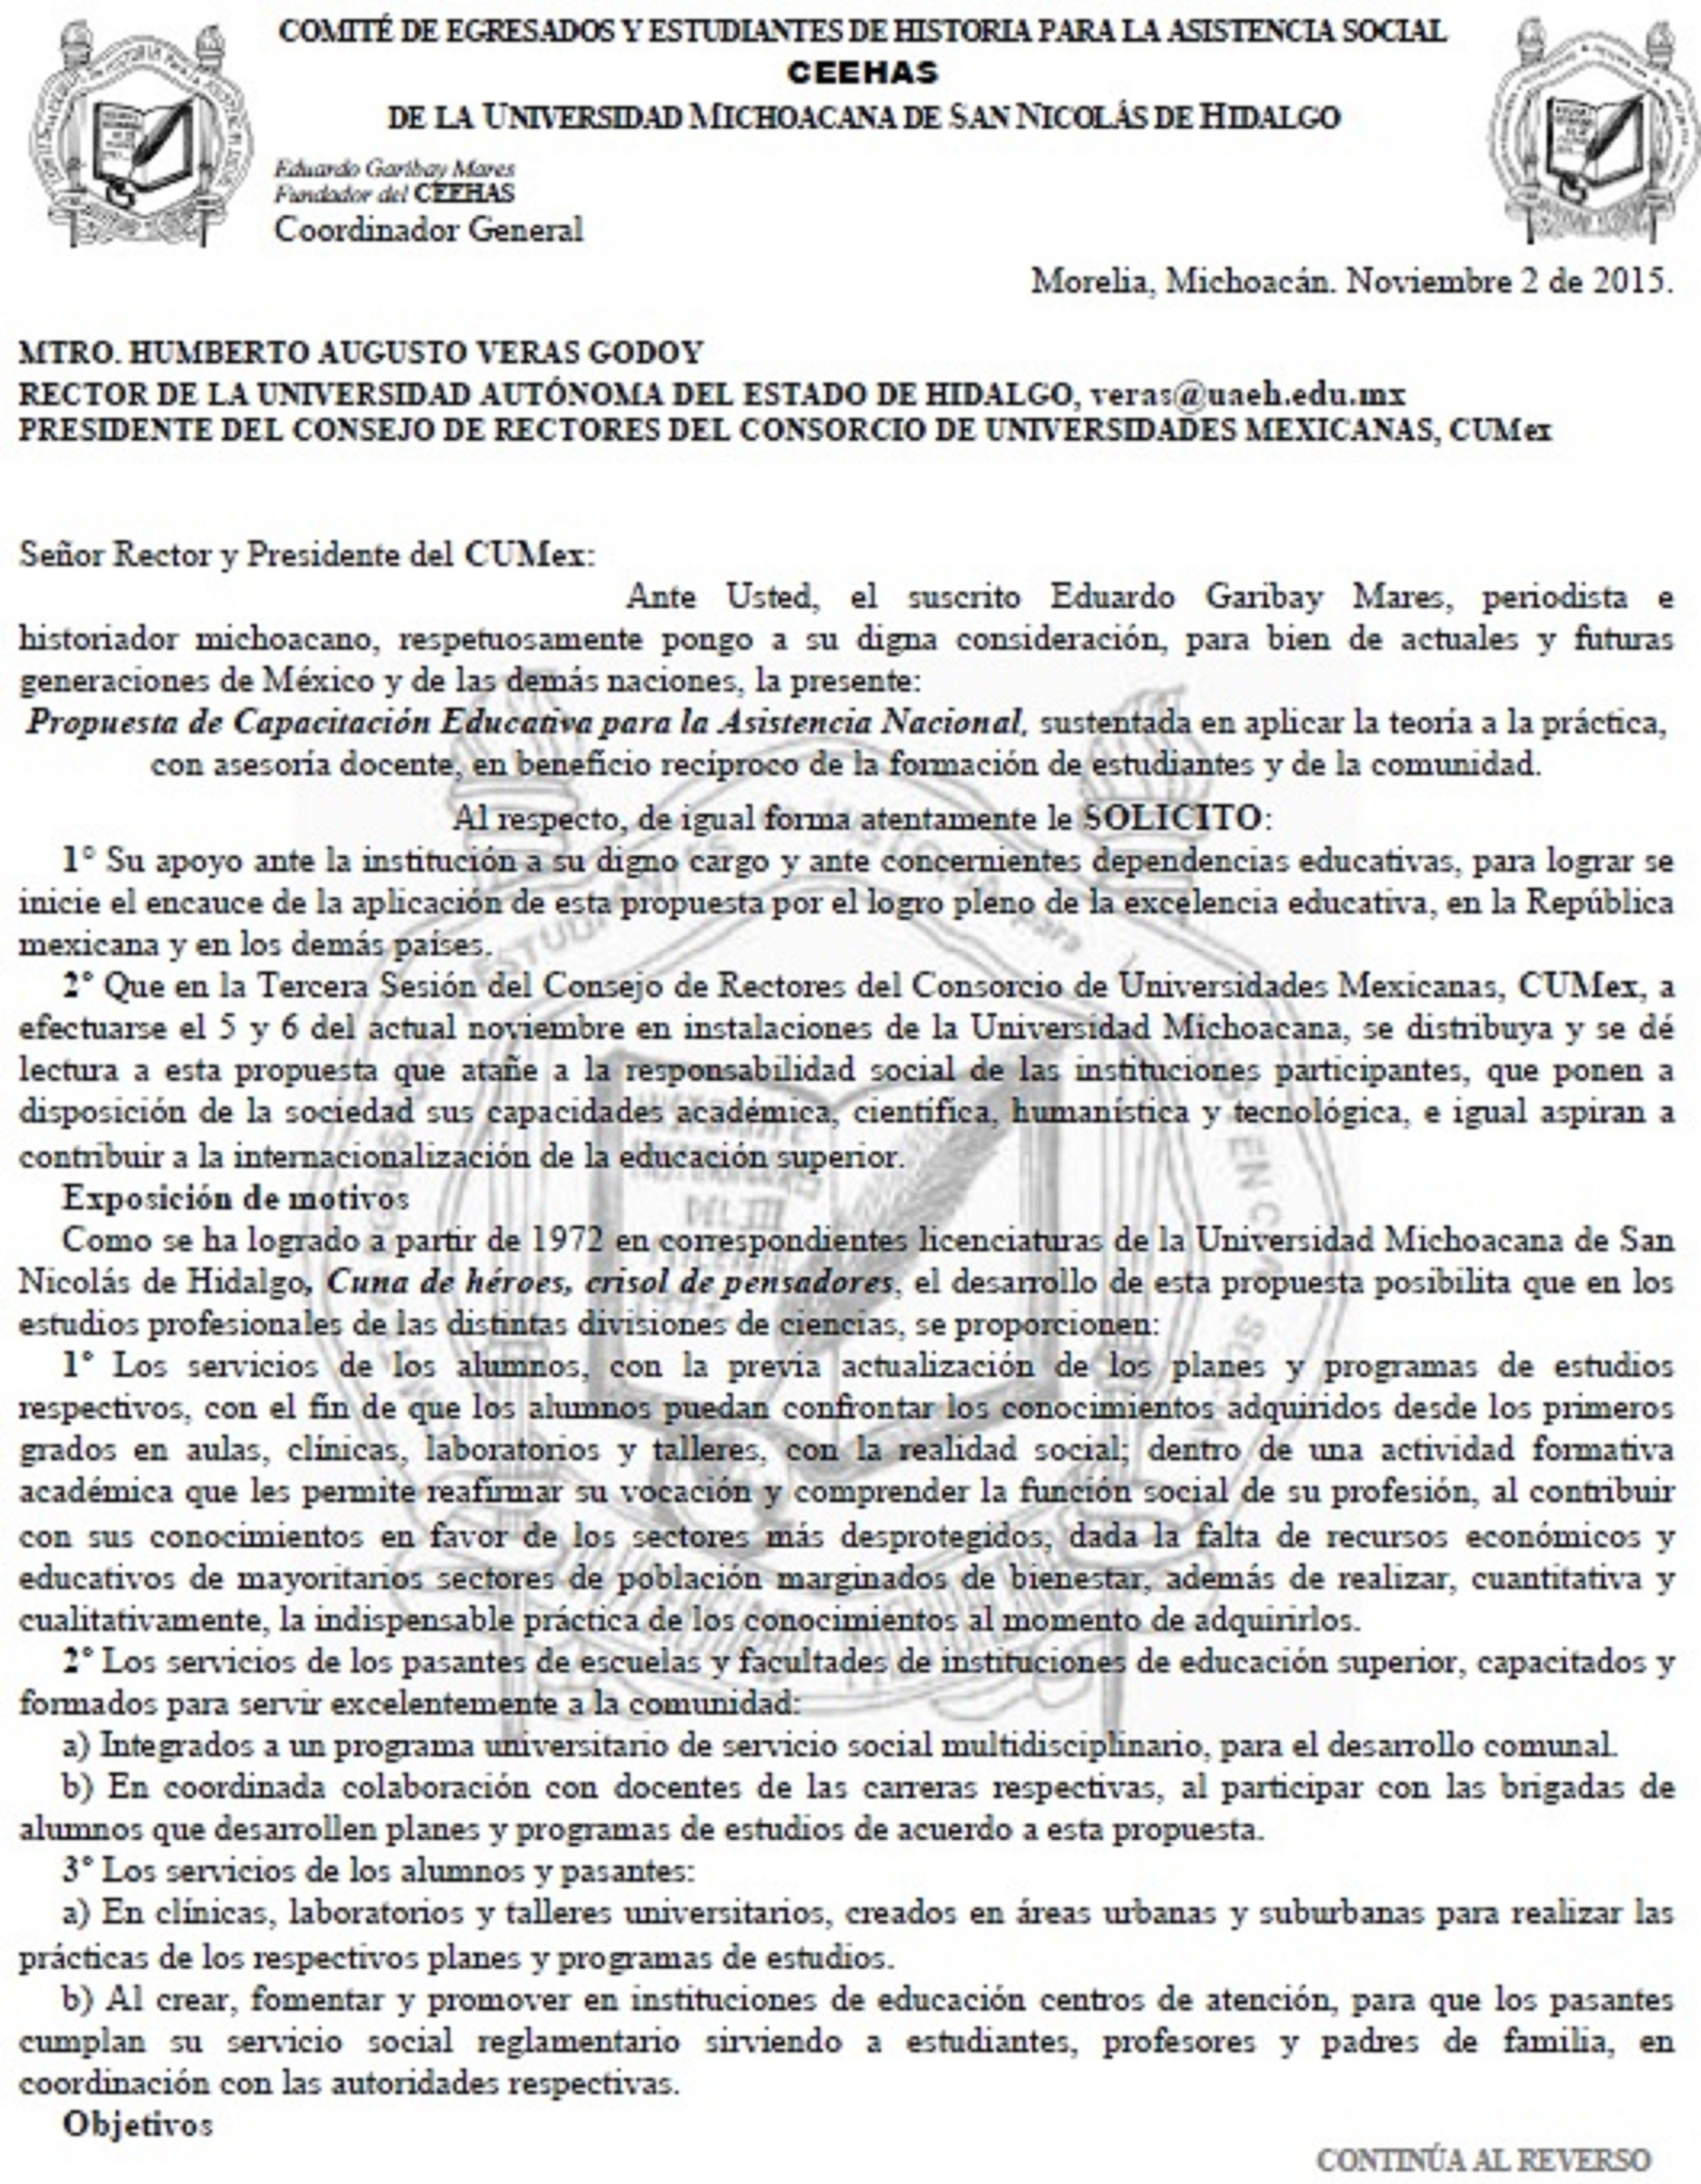 Enviada al Consorcio de Universidades Mexicanas, CUMex, la Propuesta de Capacitación Educativa para la Asistencia Nacional. Eduardo Garibay Mares